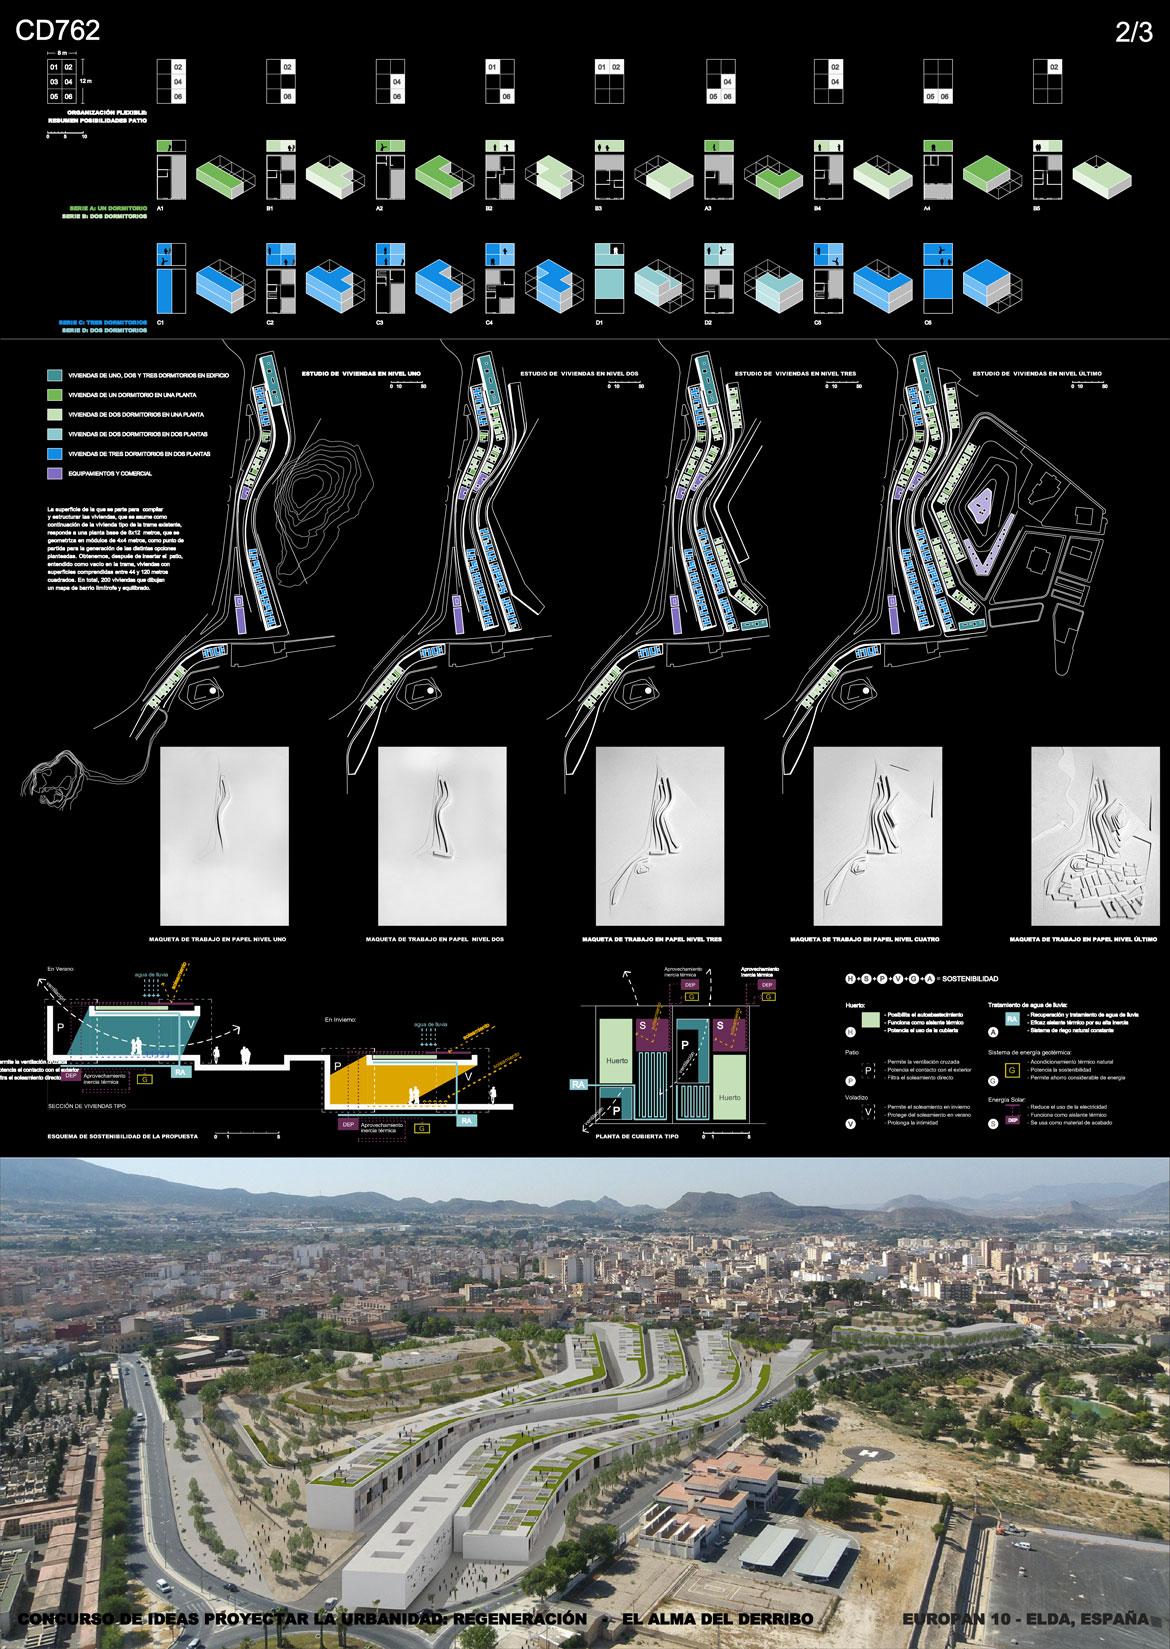 Concurso de ideas proyectar la urbanidad- Panel 2